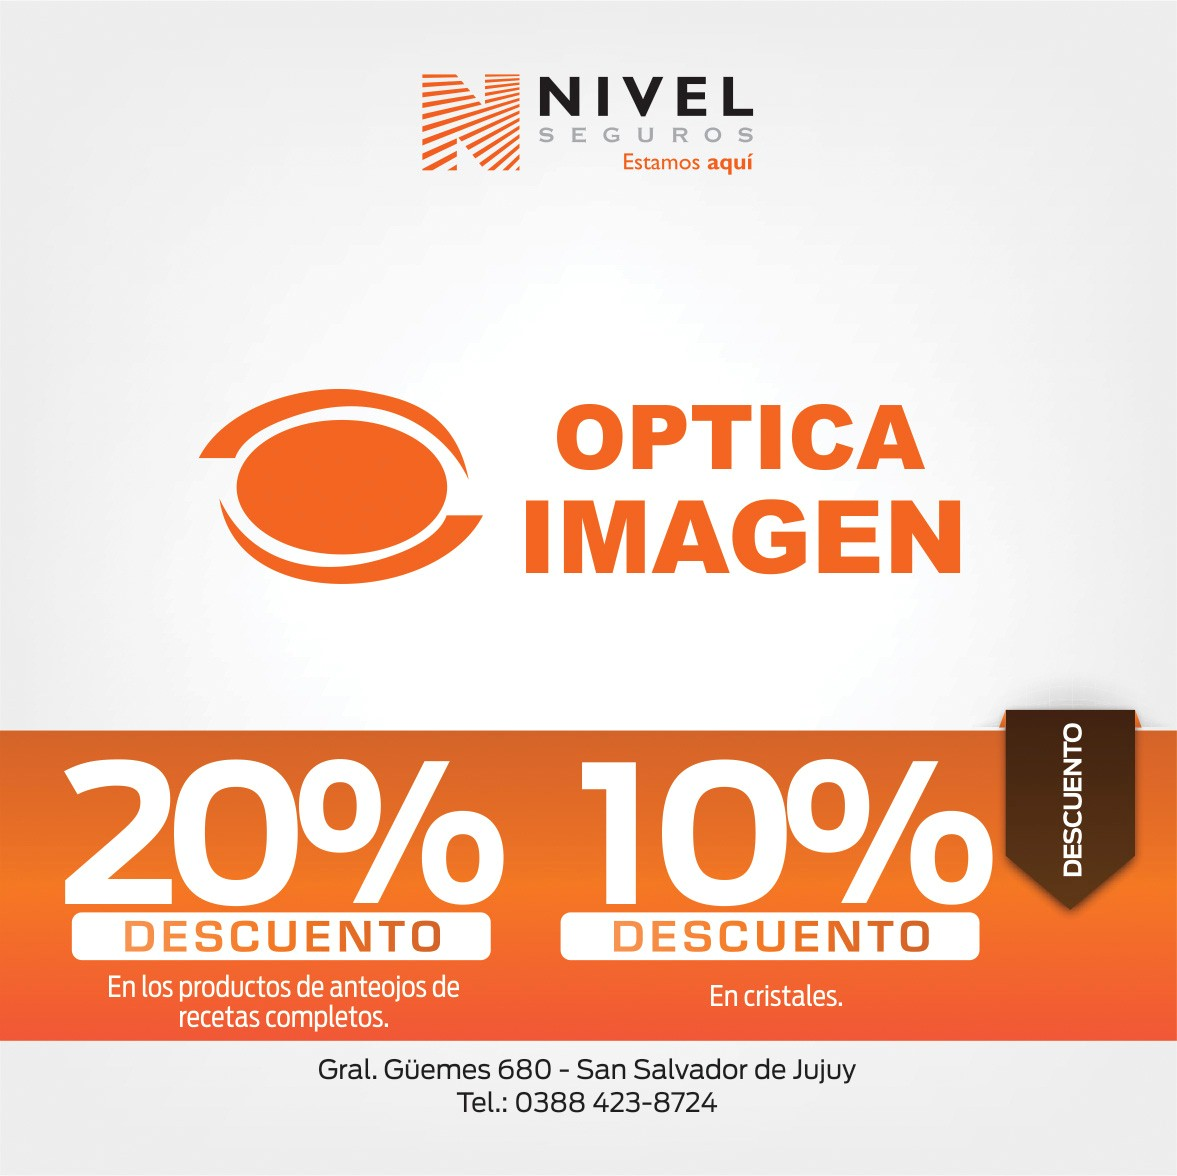 Optica Imagen